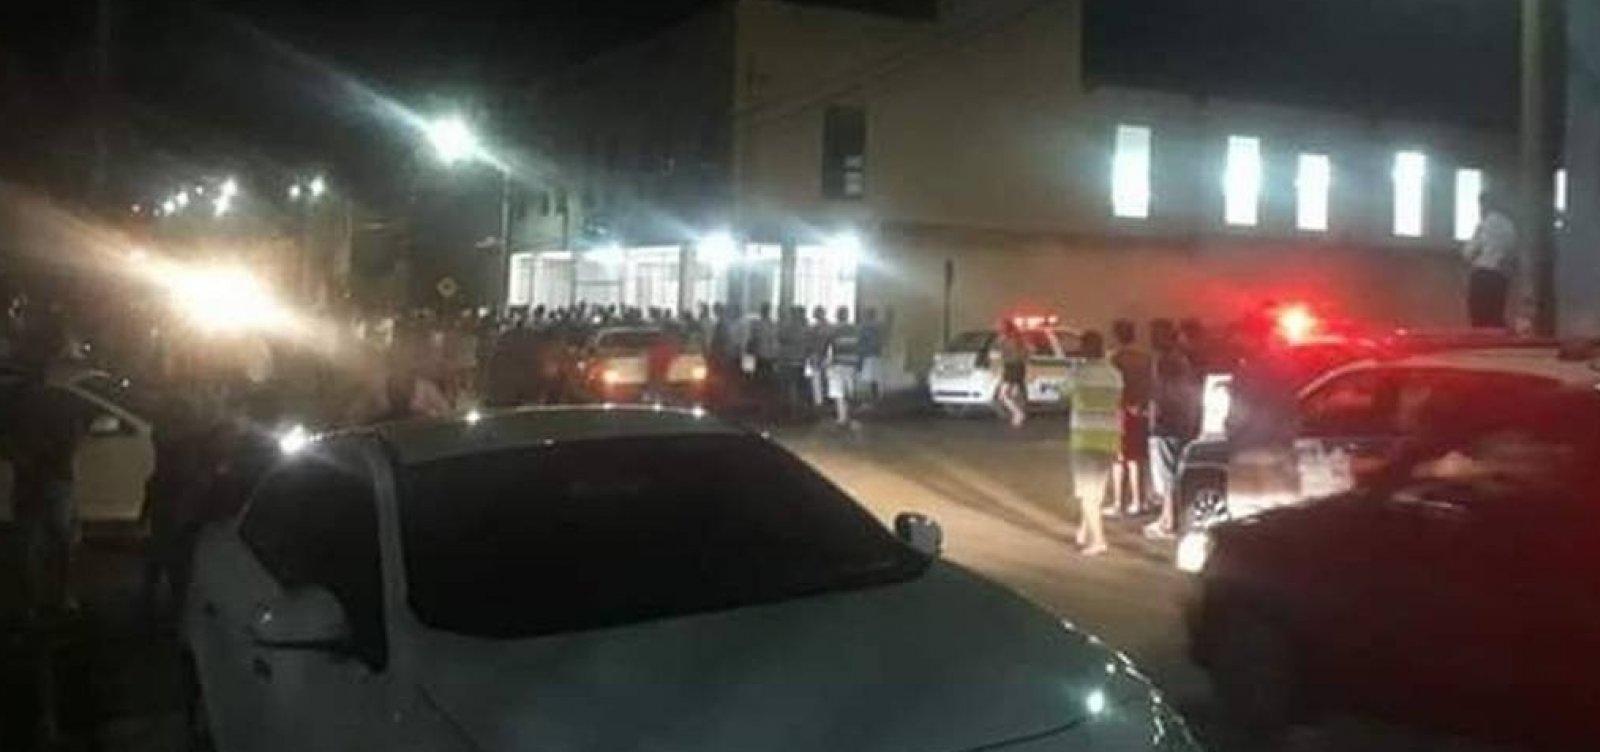 Após matar ex-namorada, homem mata mais três em igreja